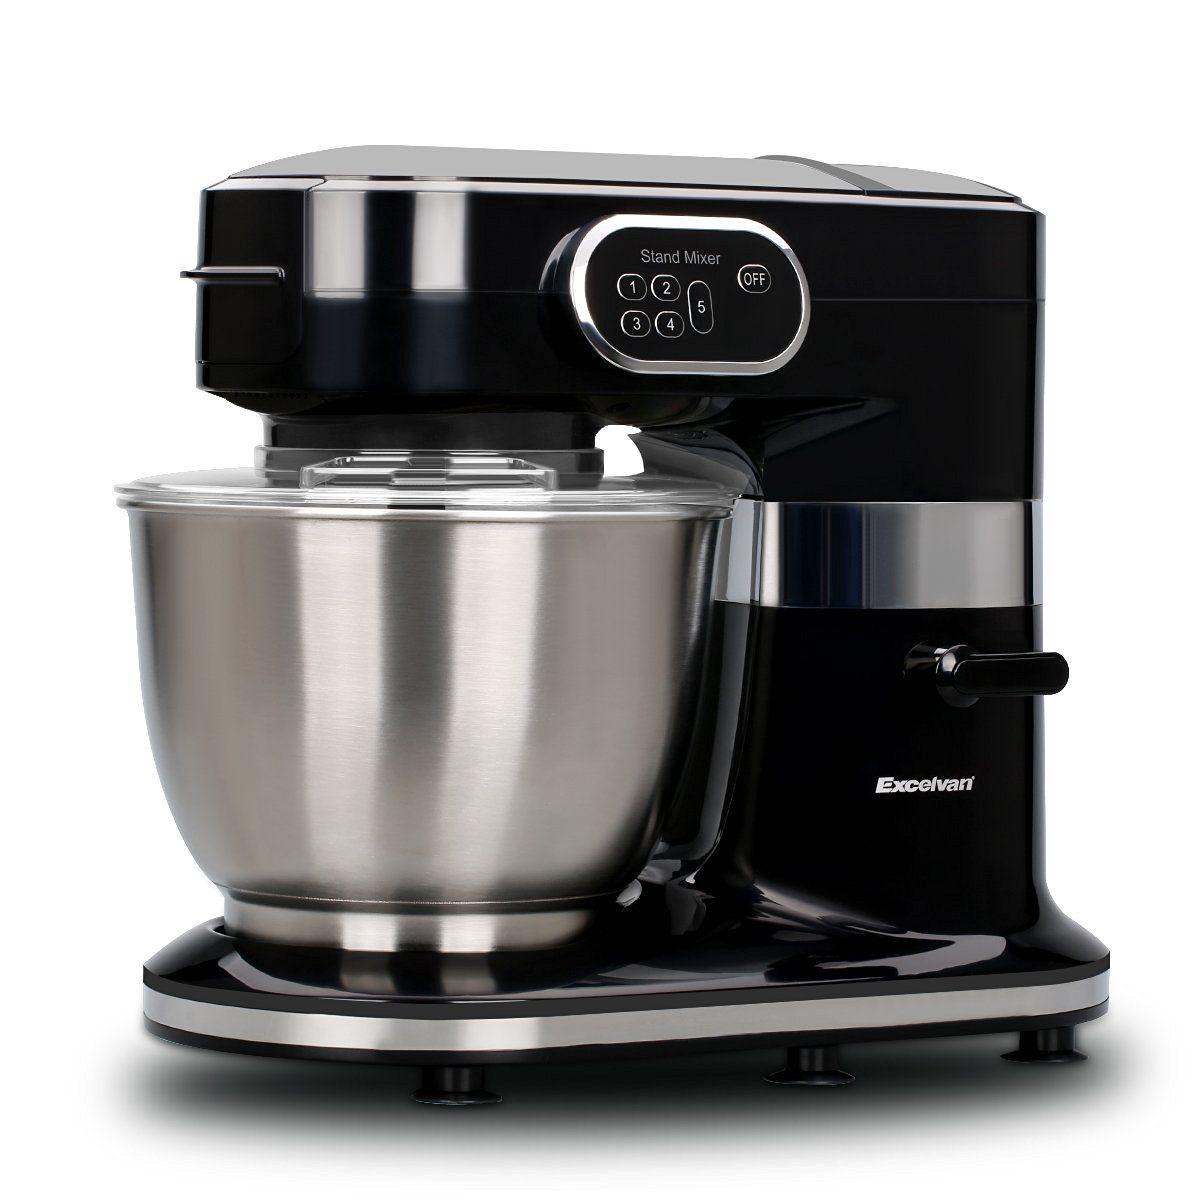 Excelvan 1000w electric food mixer reviewed food mixer